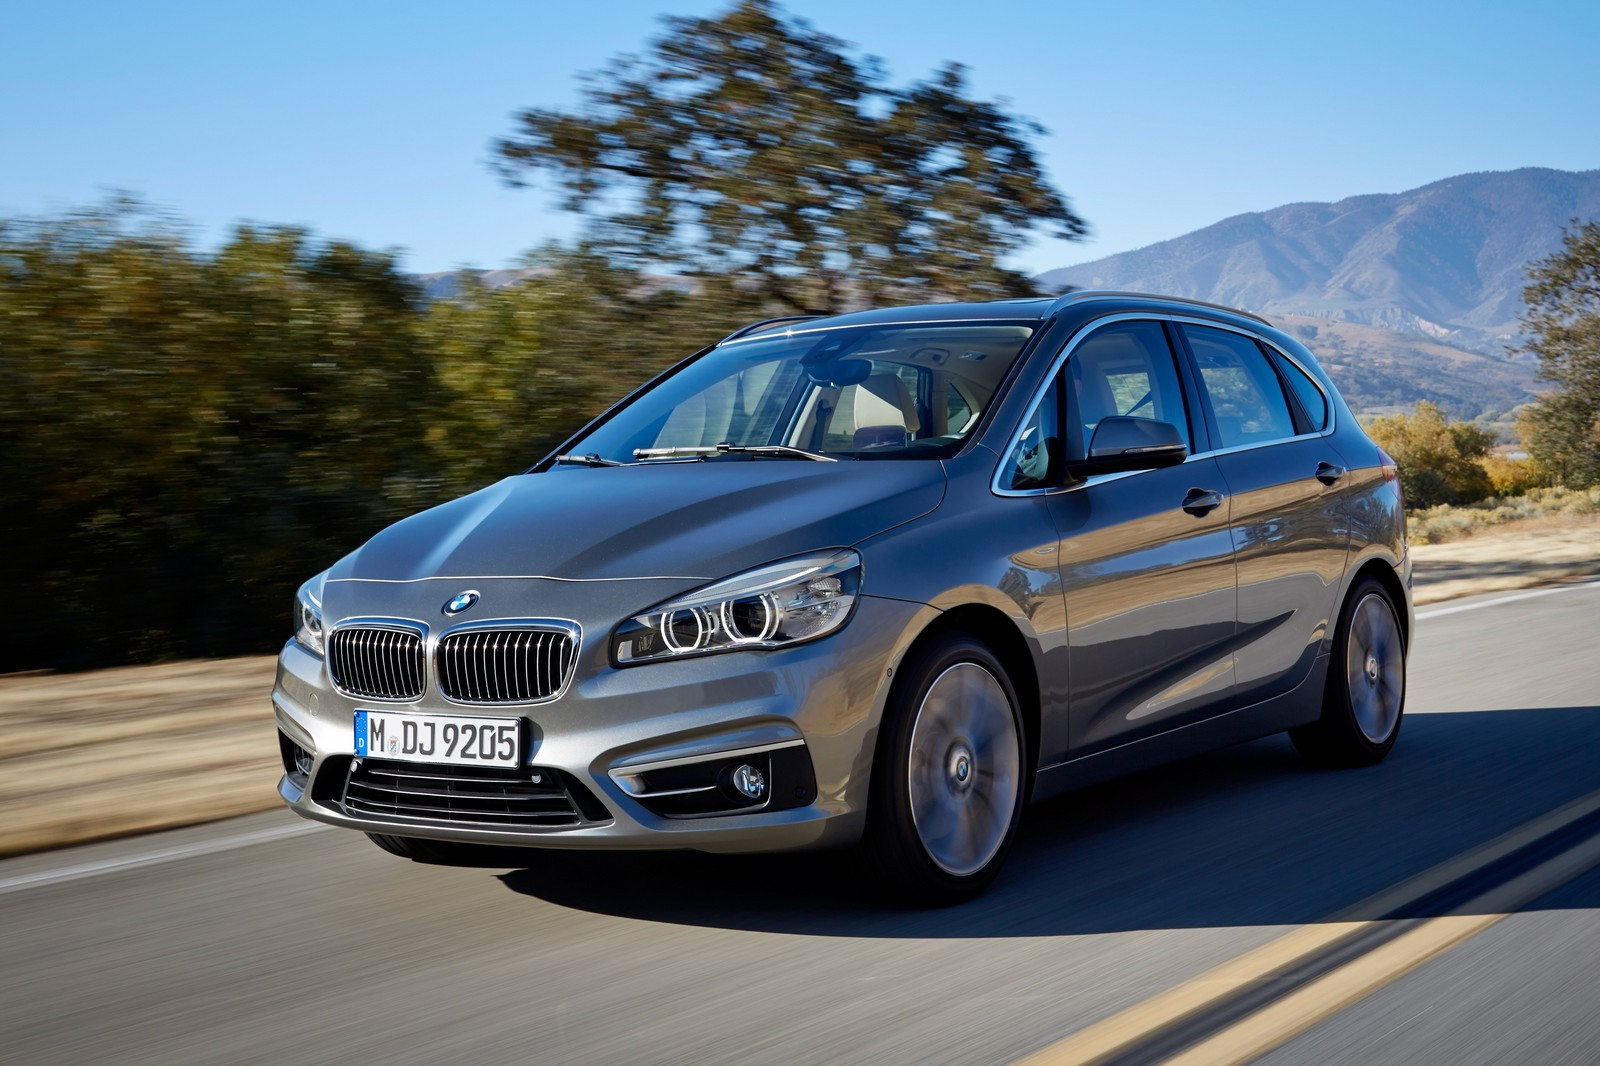 ВРФ вянваре поднимутся цены намашины BMW